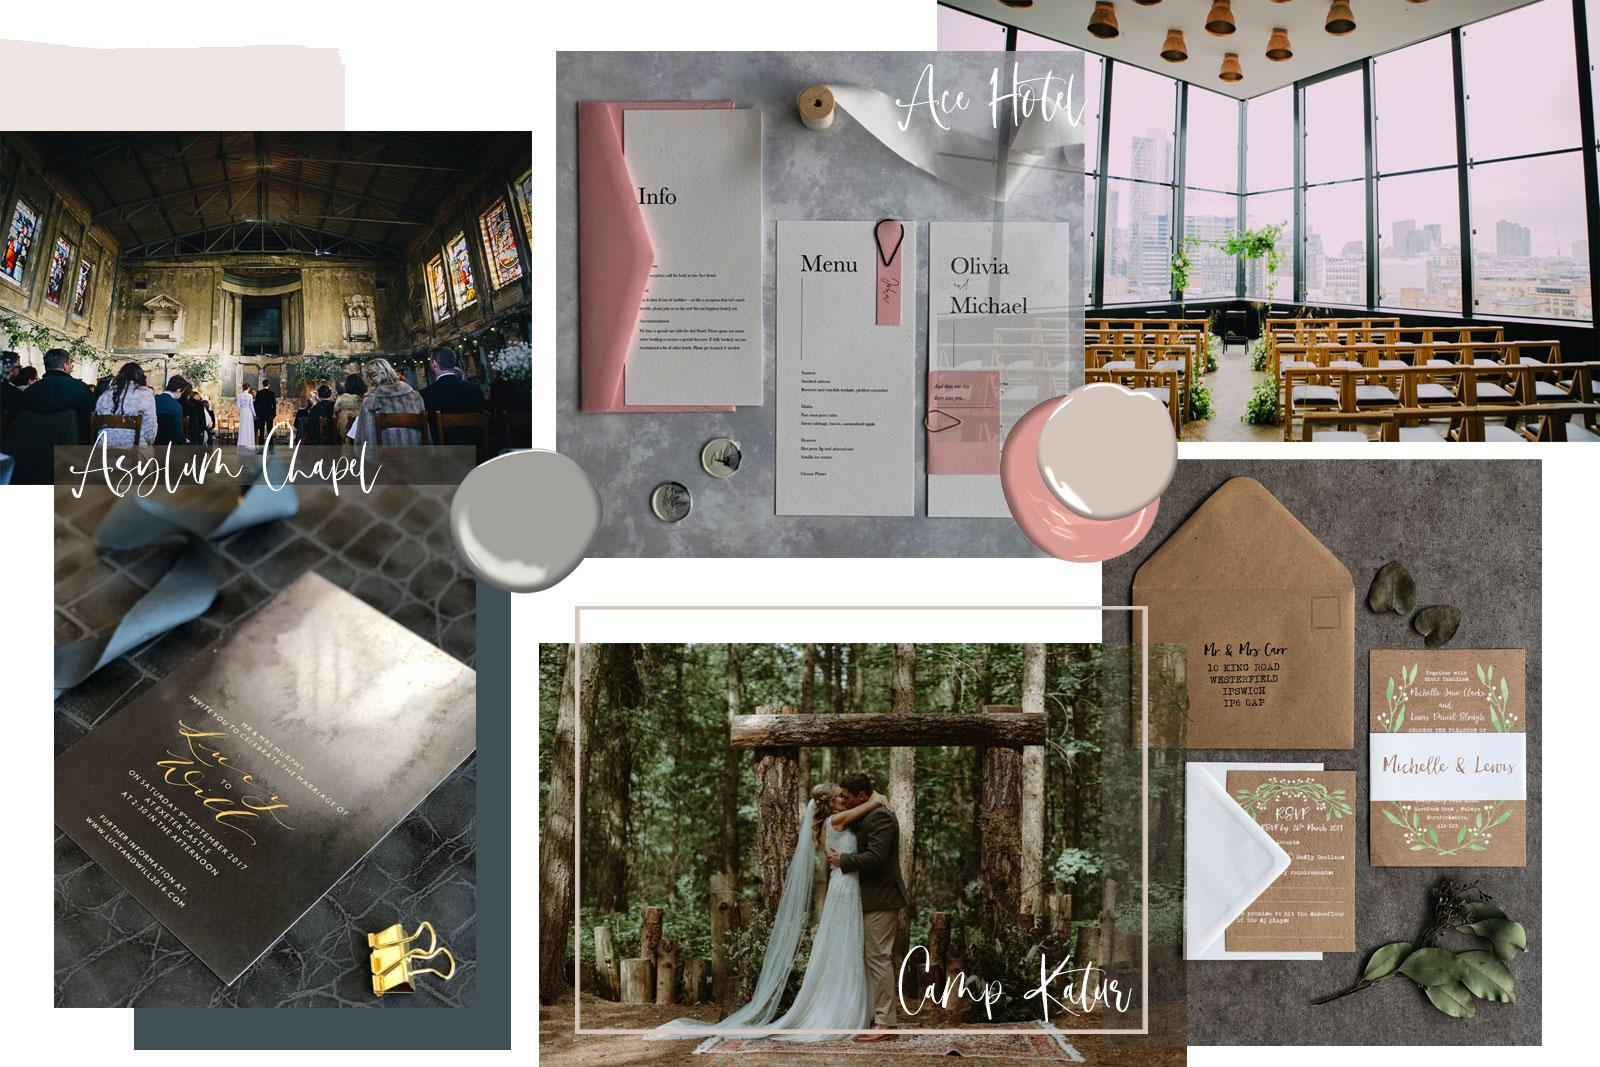 Wedding Stationery, Stationery, Bespoke Stationery, Luxury Wedding Stationery, Stationery for Weddings, Wedding Invitations, Wedding Invitations to Match Venue